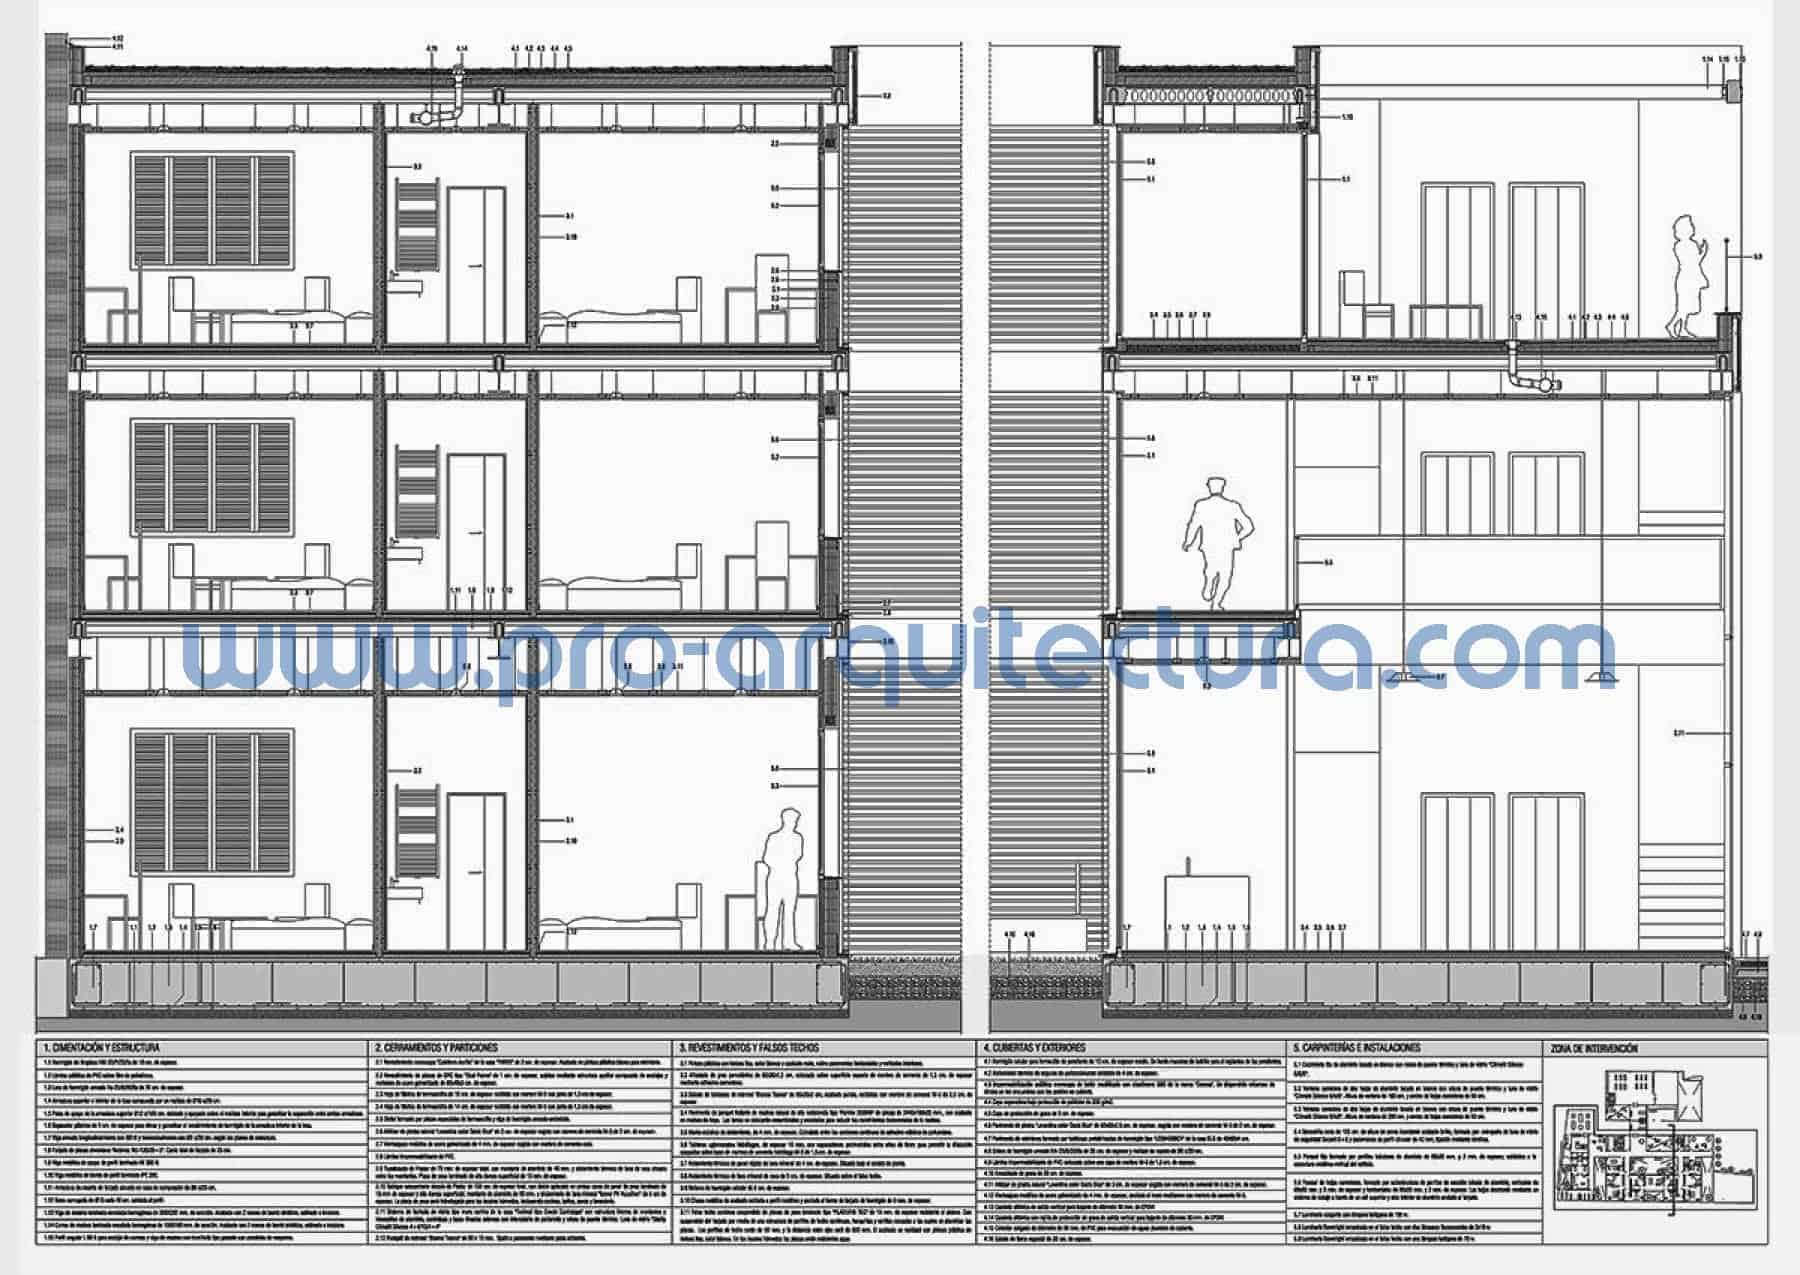 0034-02 Residencia de estudiantes - Sección y detalles constructivos - Ayuda con la entrega del pfc pfg tfg tfm de arquitectura.